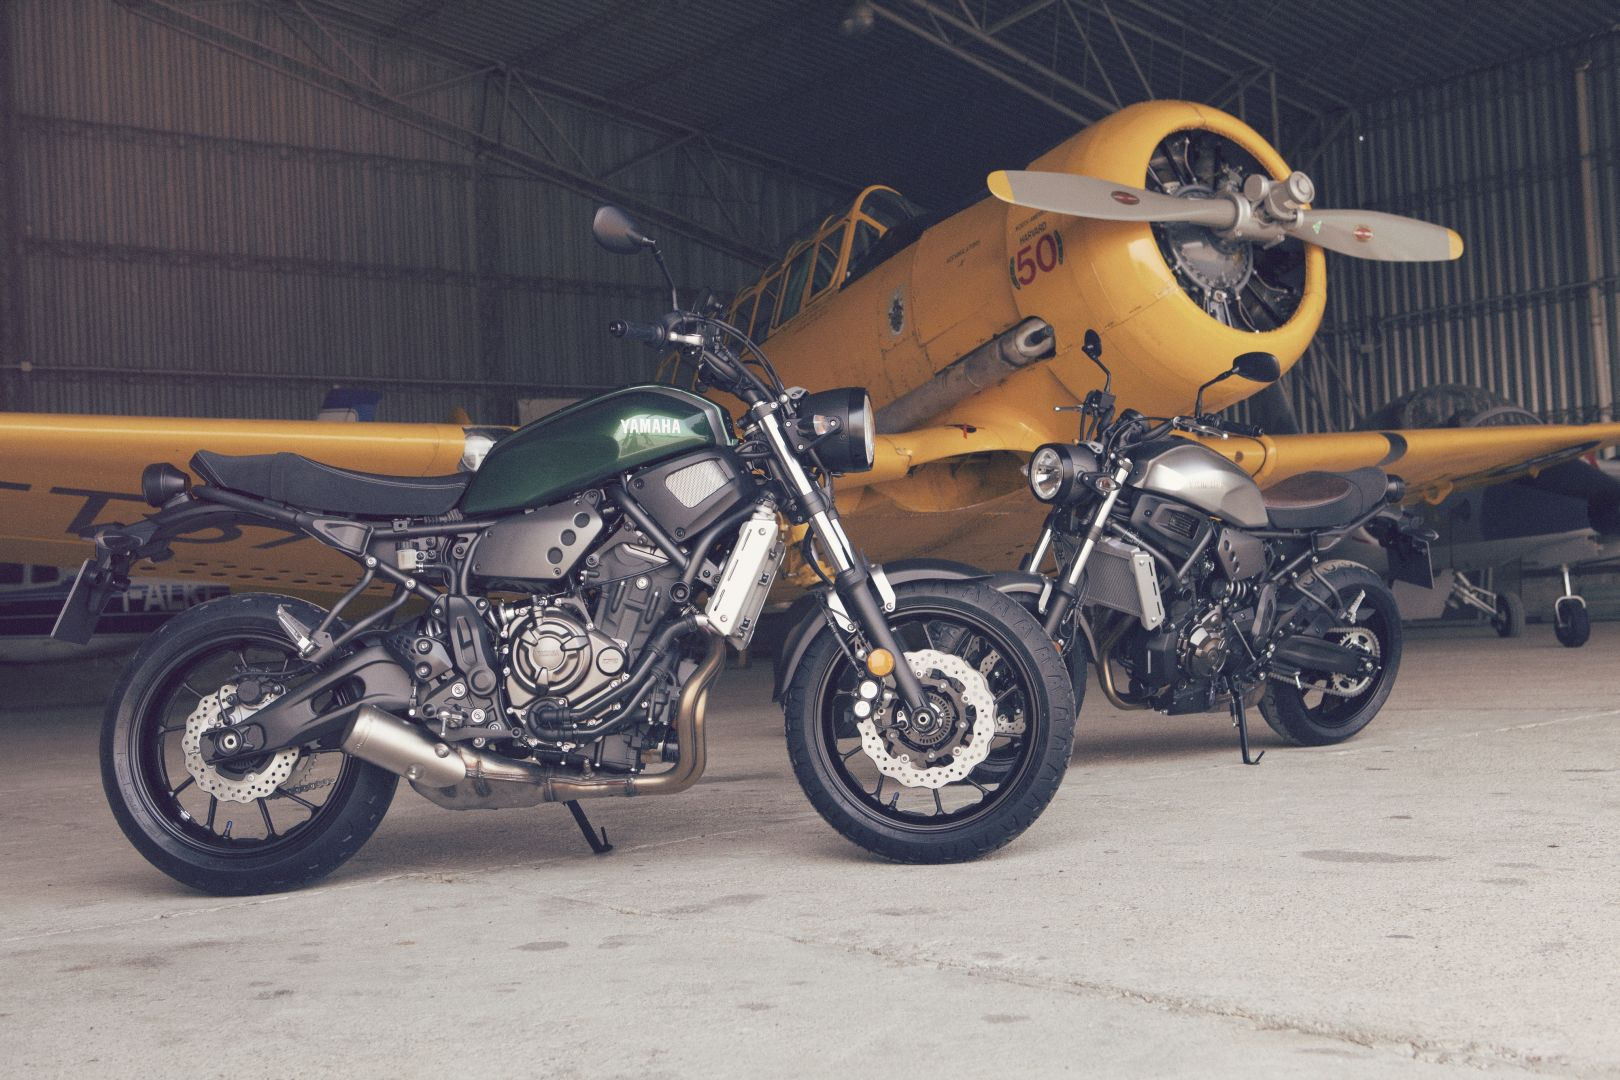 yamaha motorcycles cycle world - HD1200×782